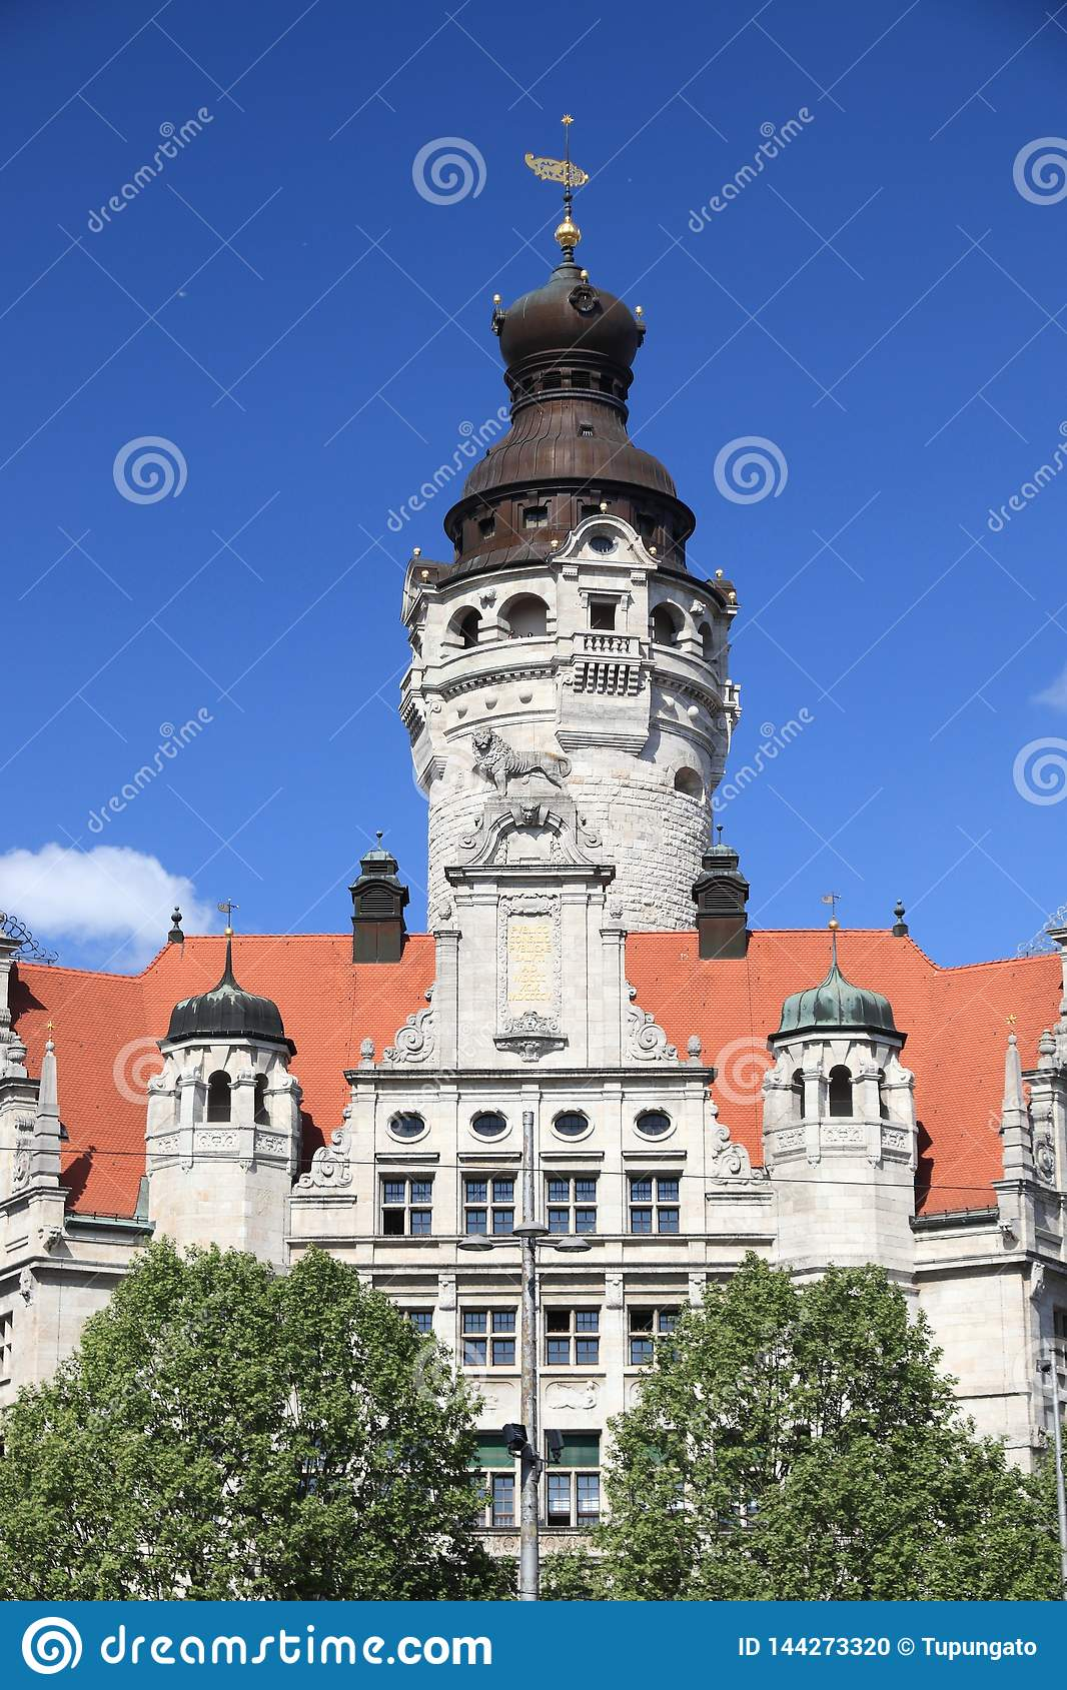 Point de repère de Leipzig, Allemagne